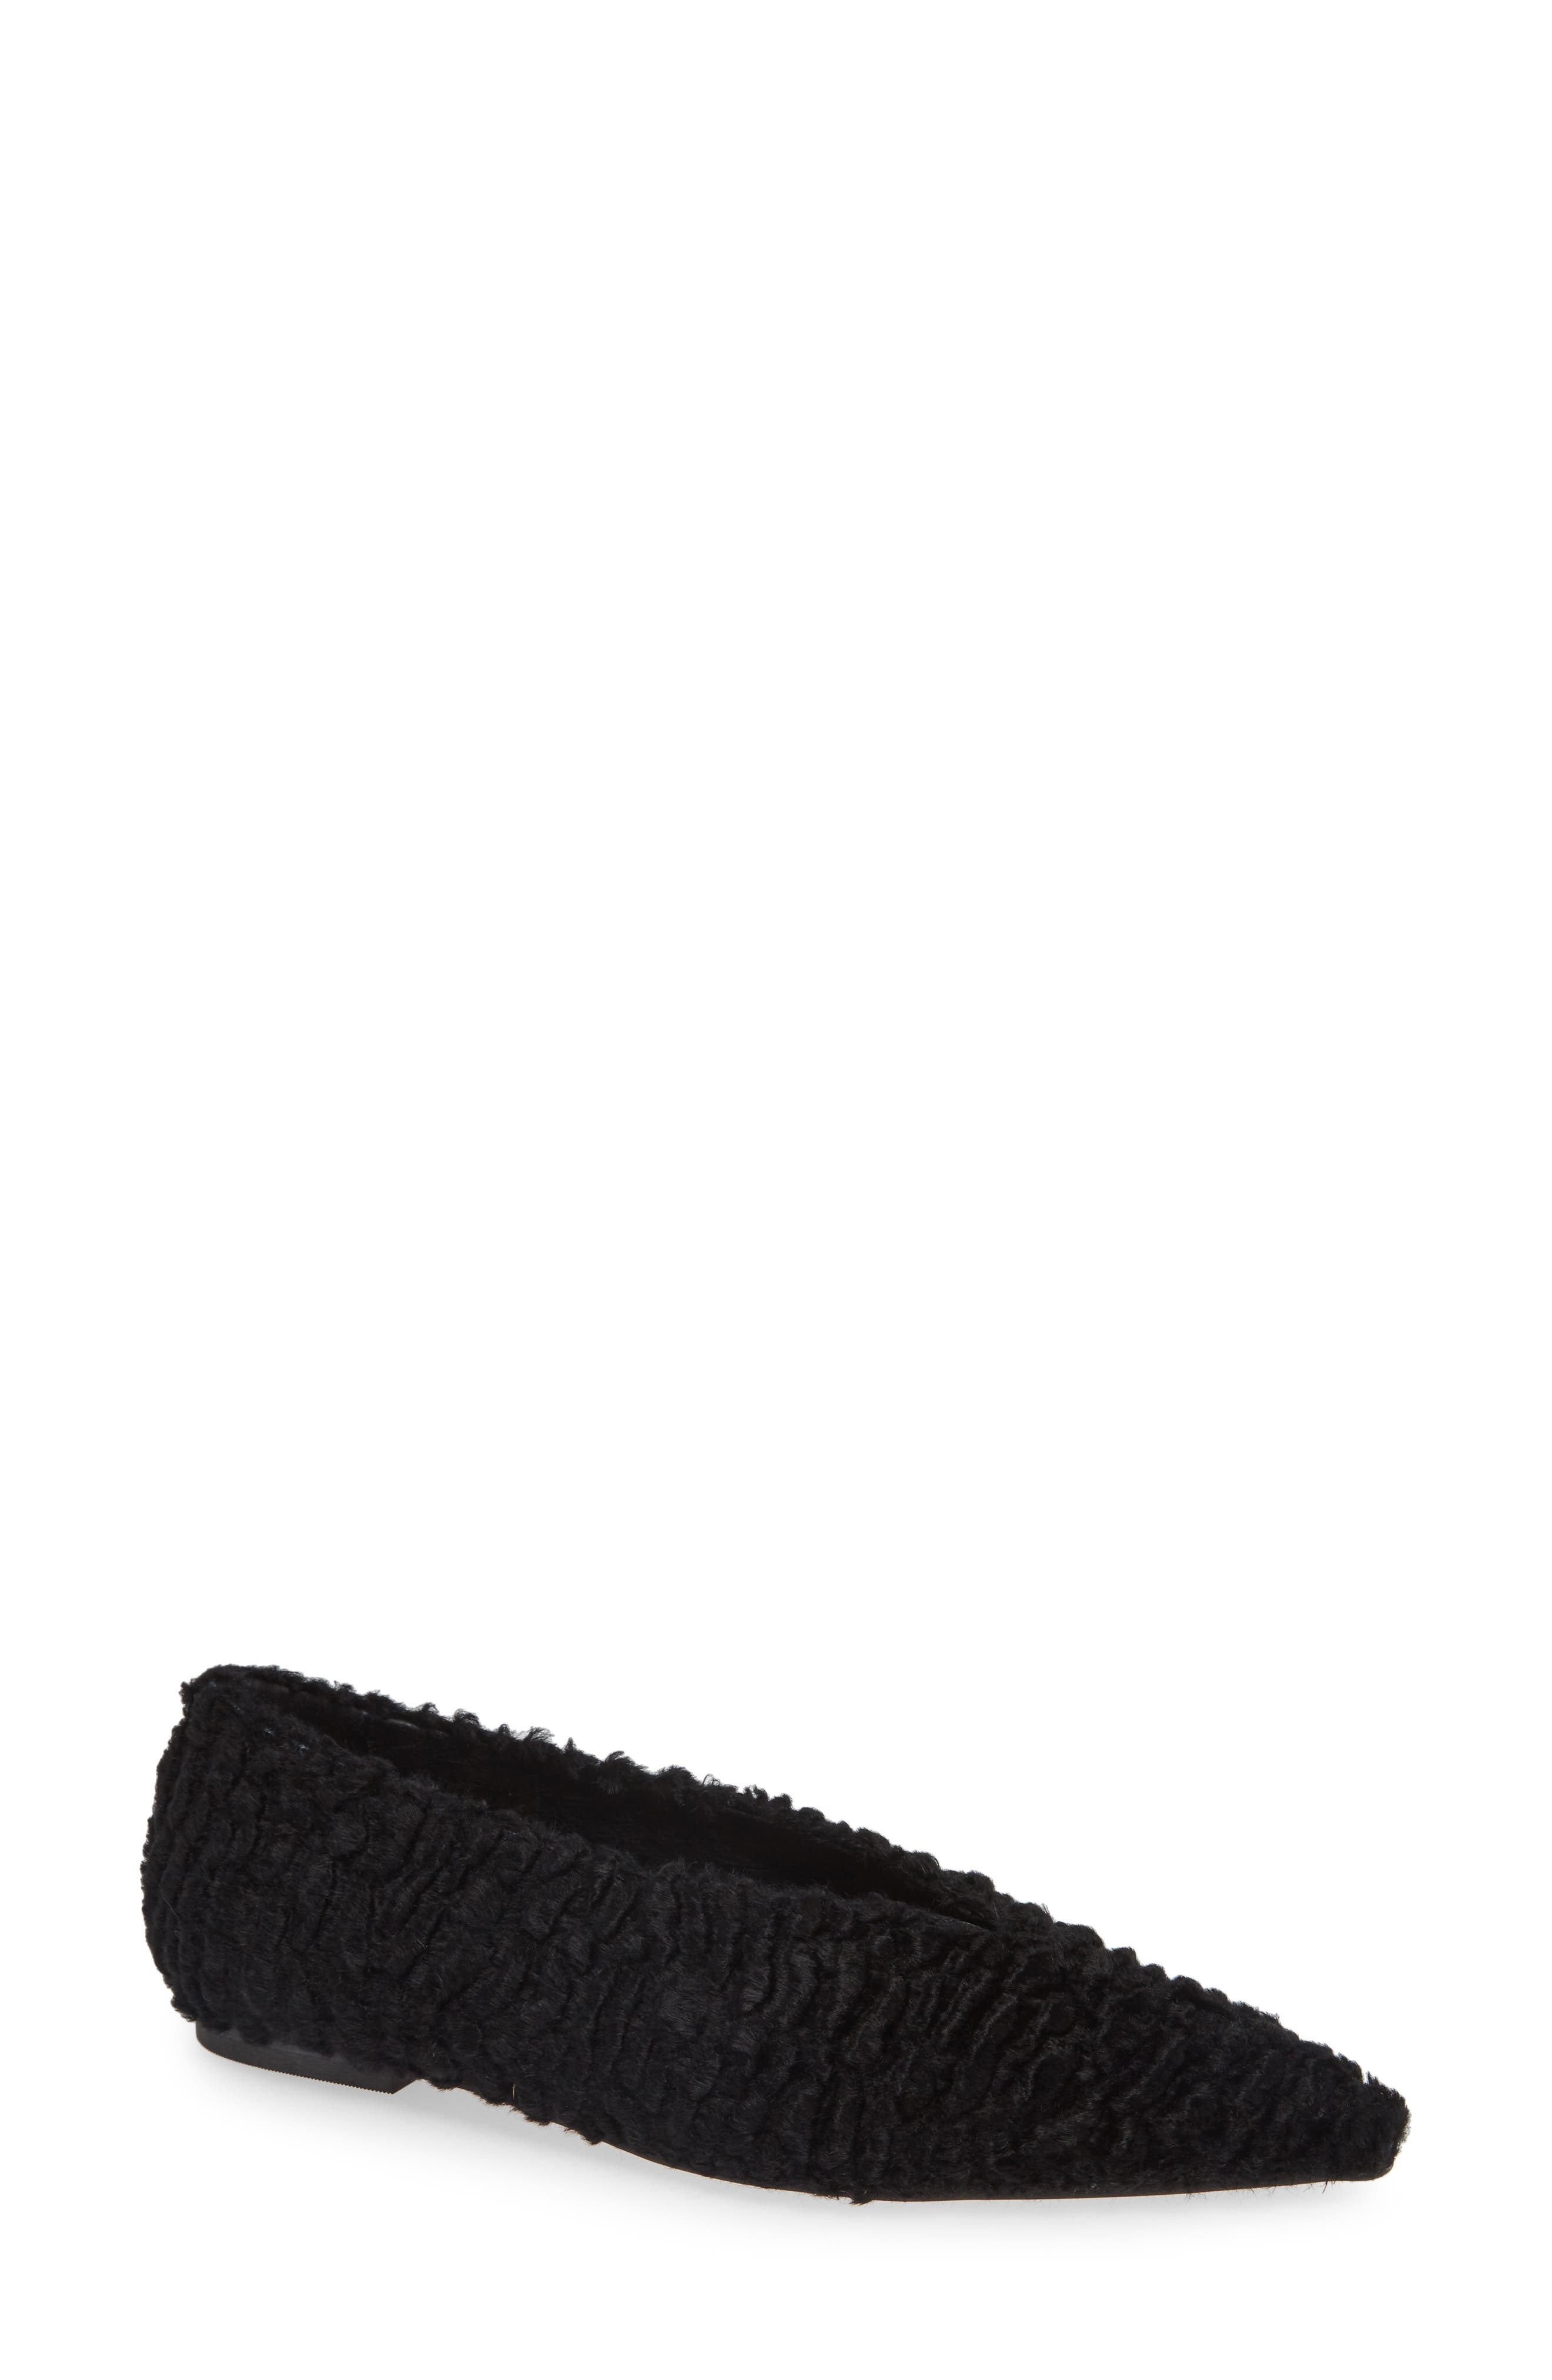 Black Suede Studio Tasia Faux Fur Flat- Black